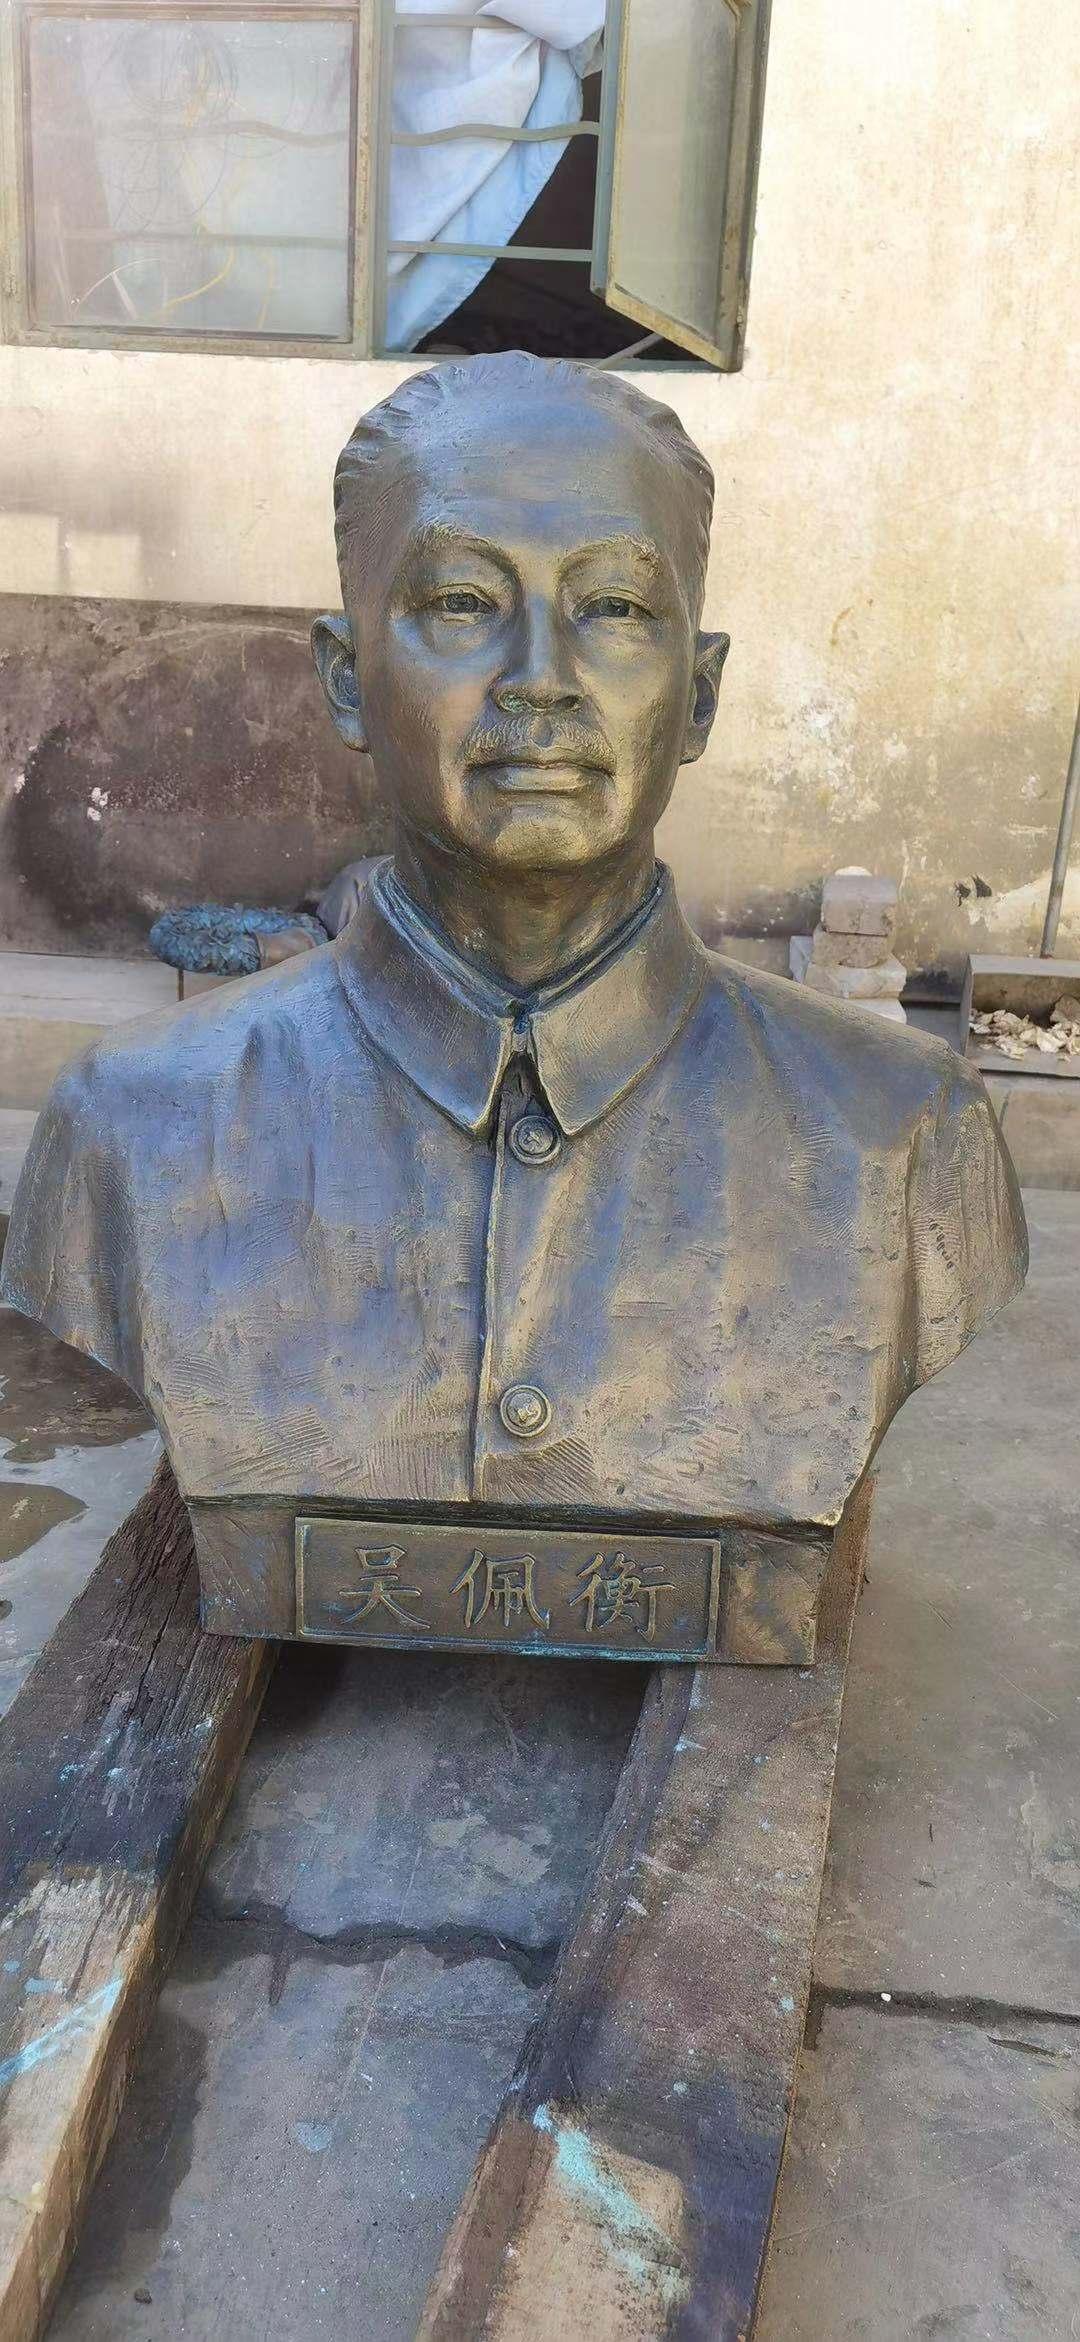 名人頭像雕塑